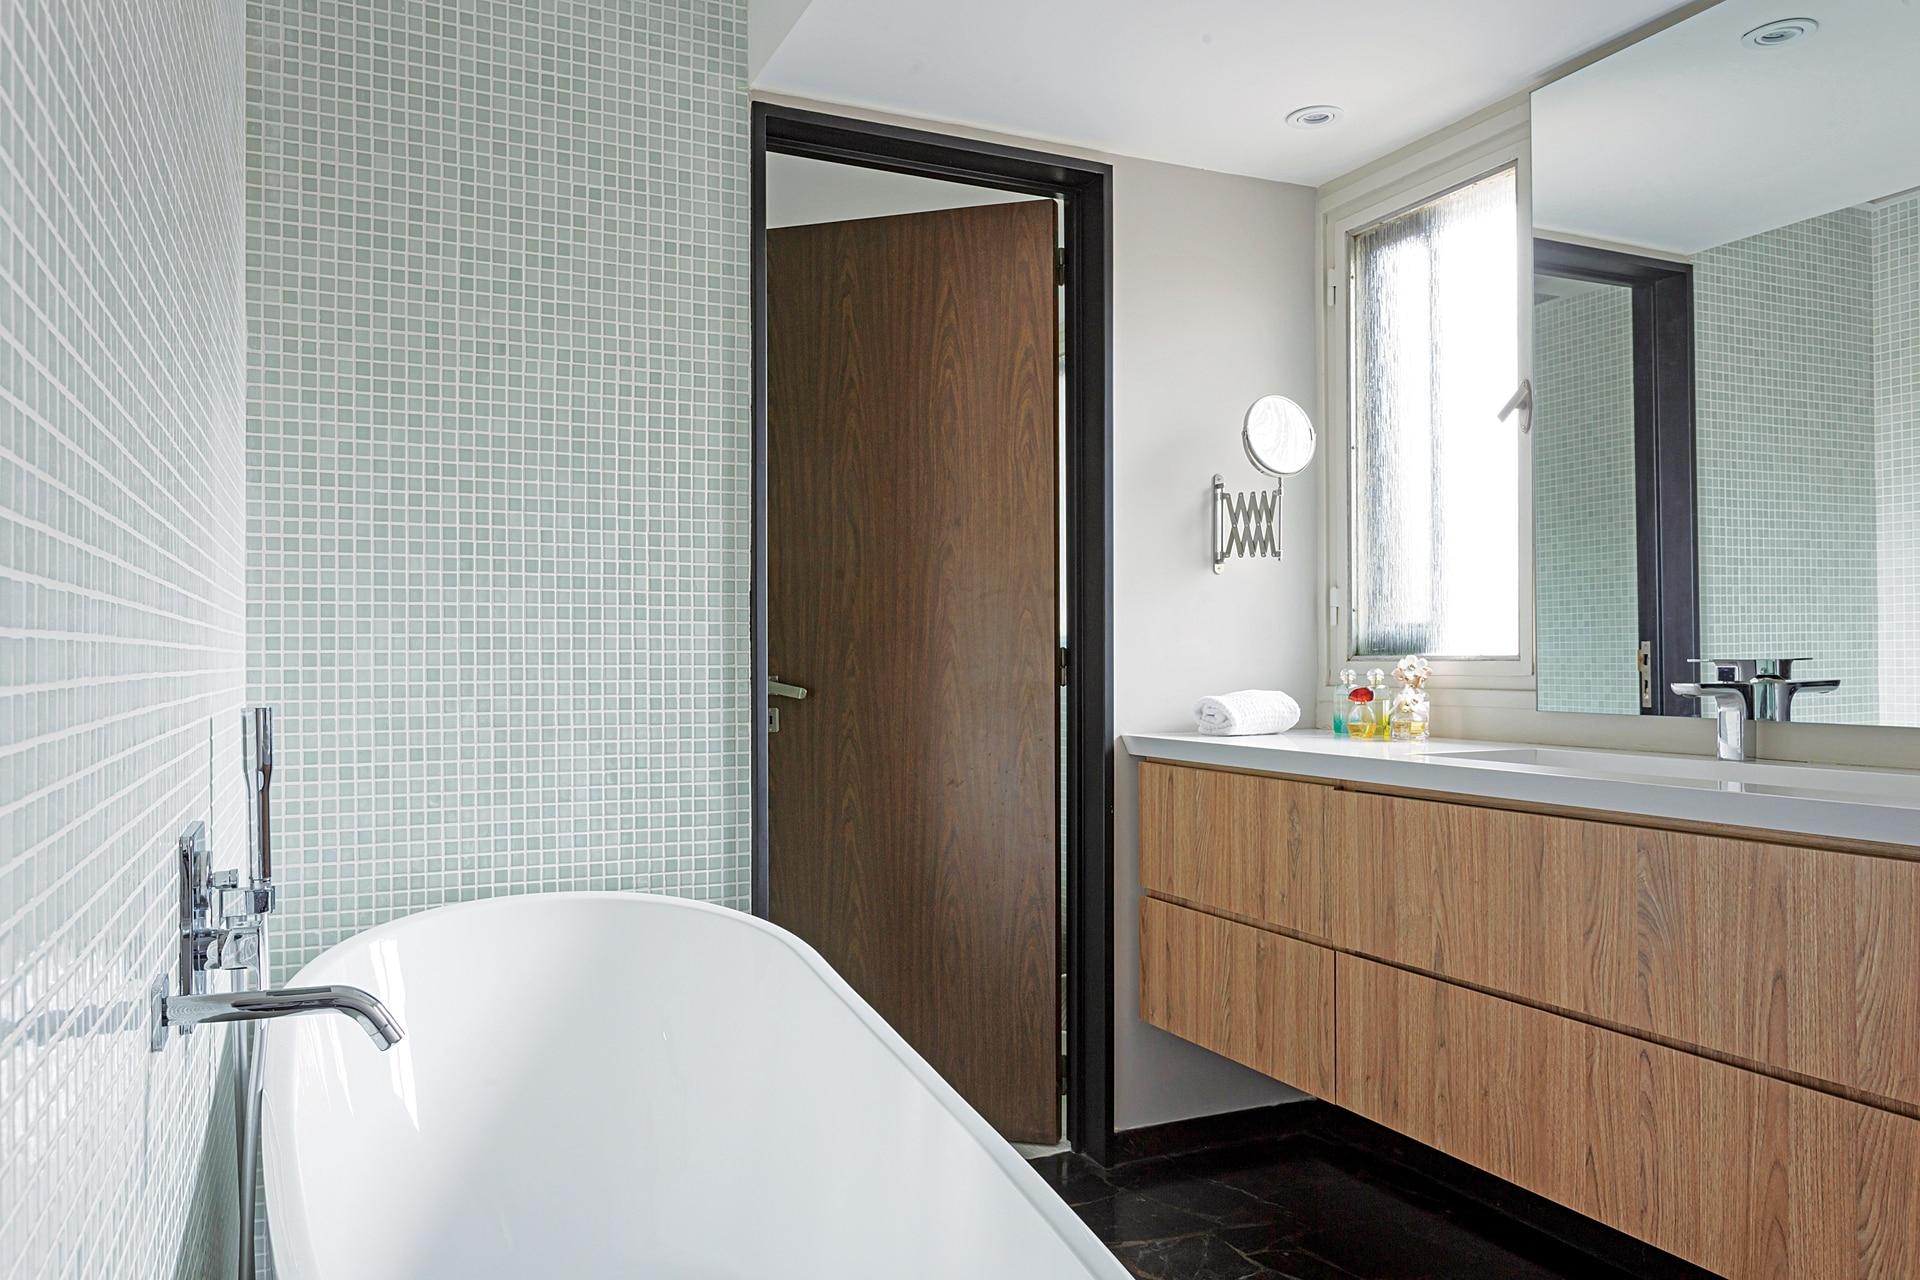 Rediseñado para generar una mesada con doble bacha corrida, bañera y ducha, el baño está revestido con antiguas venecitas de vidrio, que se mandaron a armar especialmente.